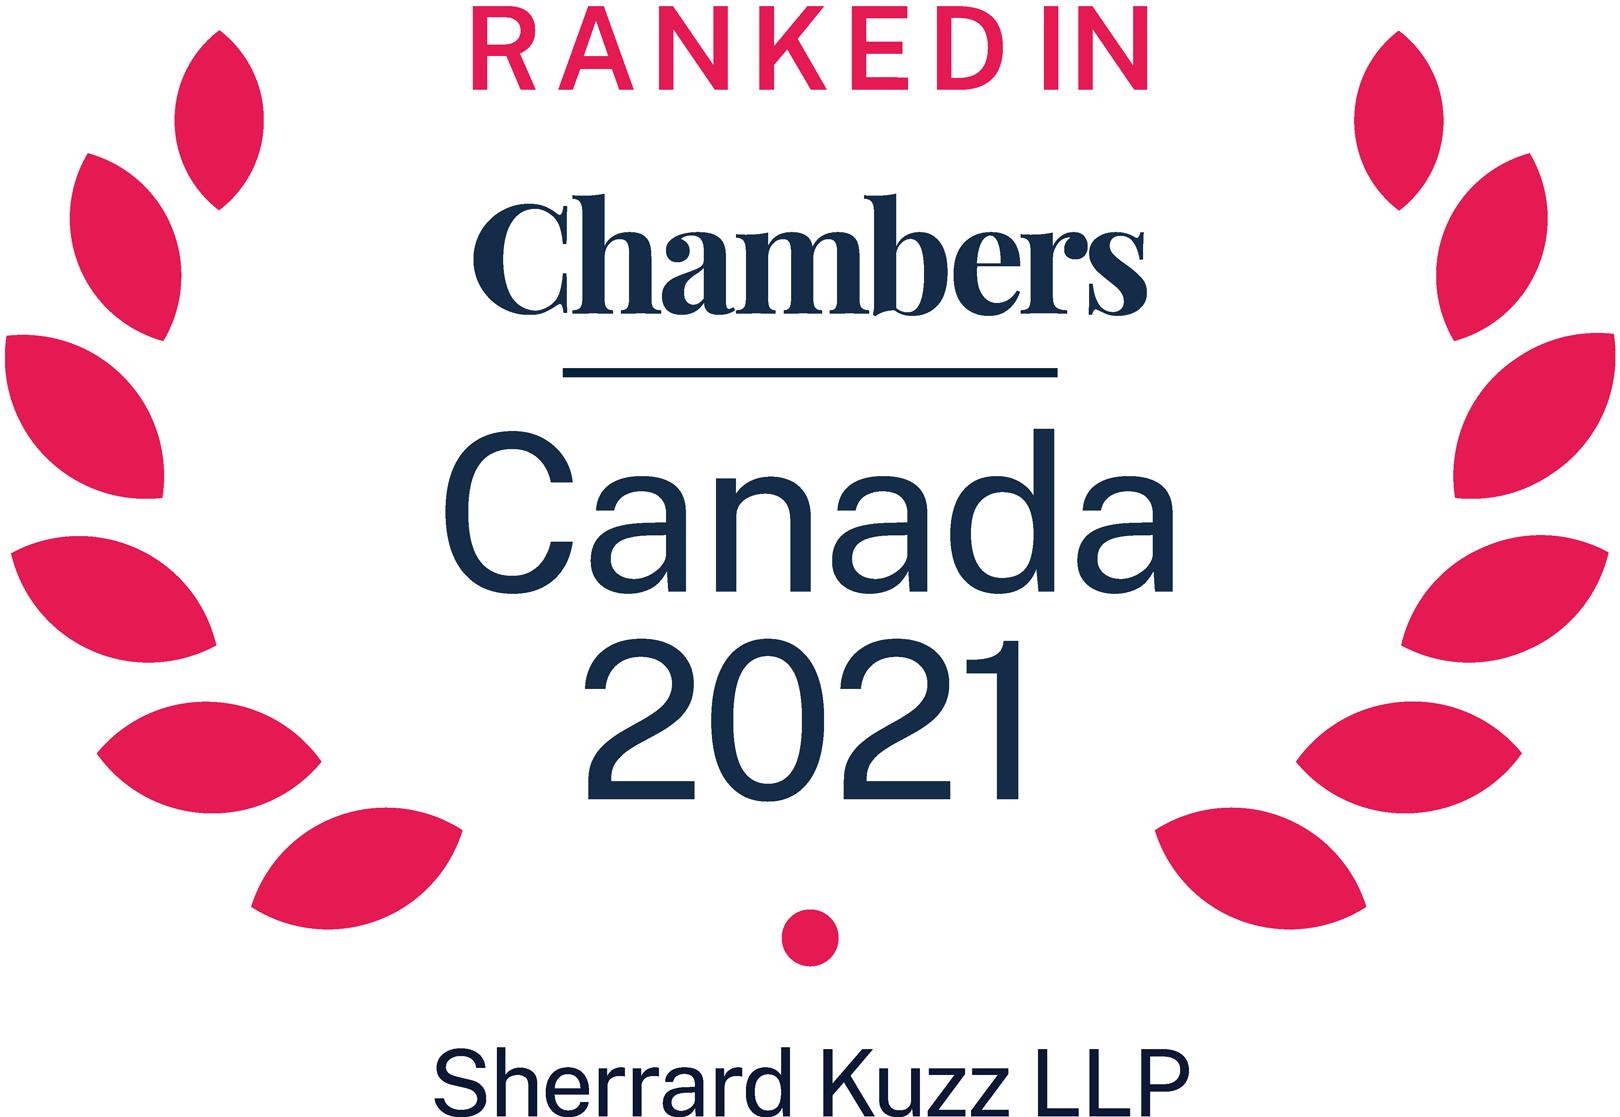 Chambers Adward 2021